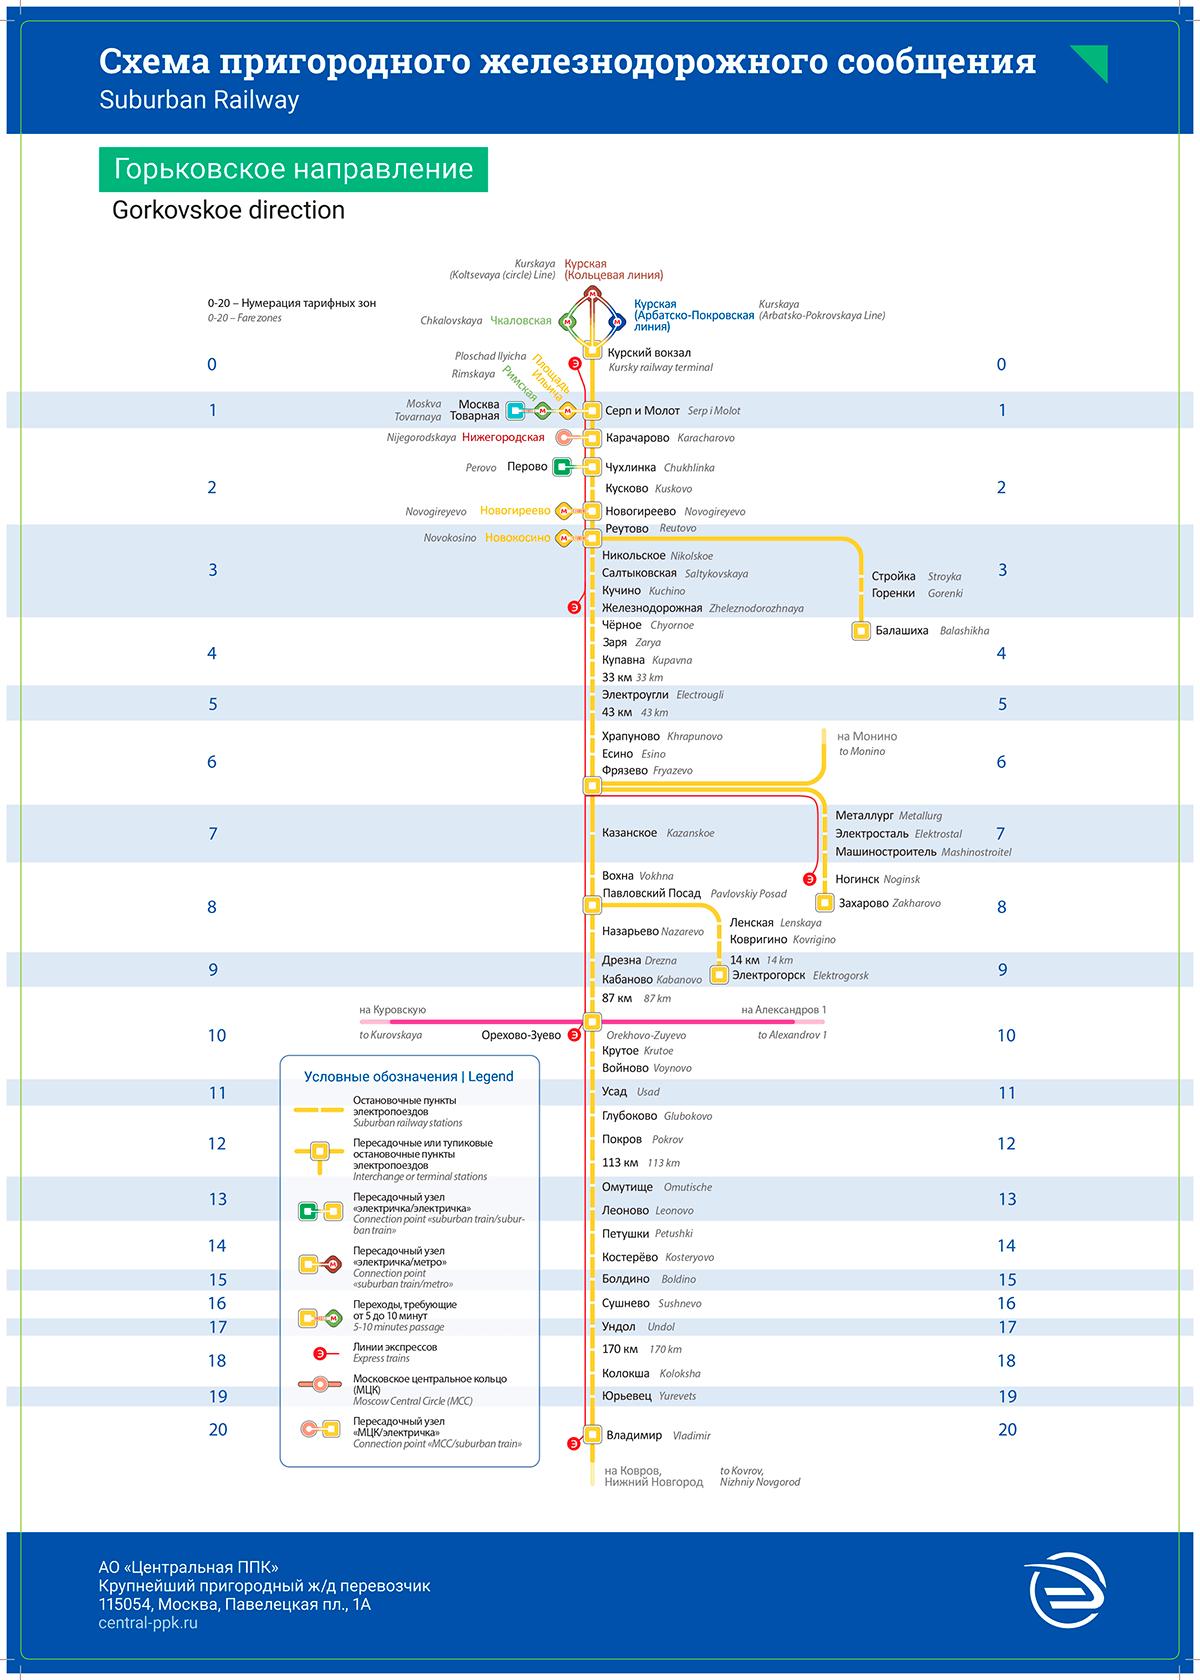 Схема движения пригородных электропоездов Горьковского направления